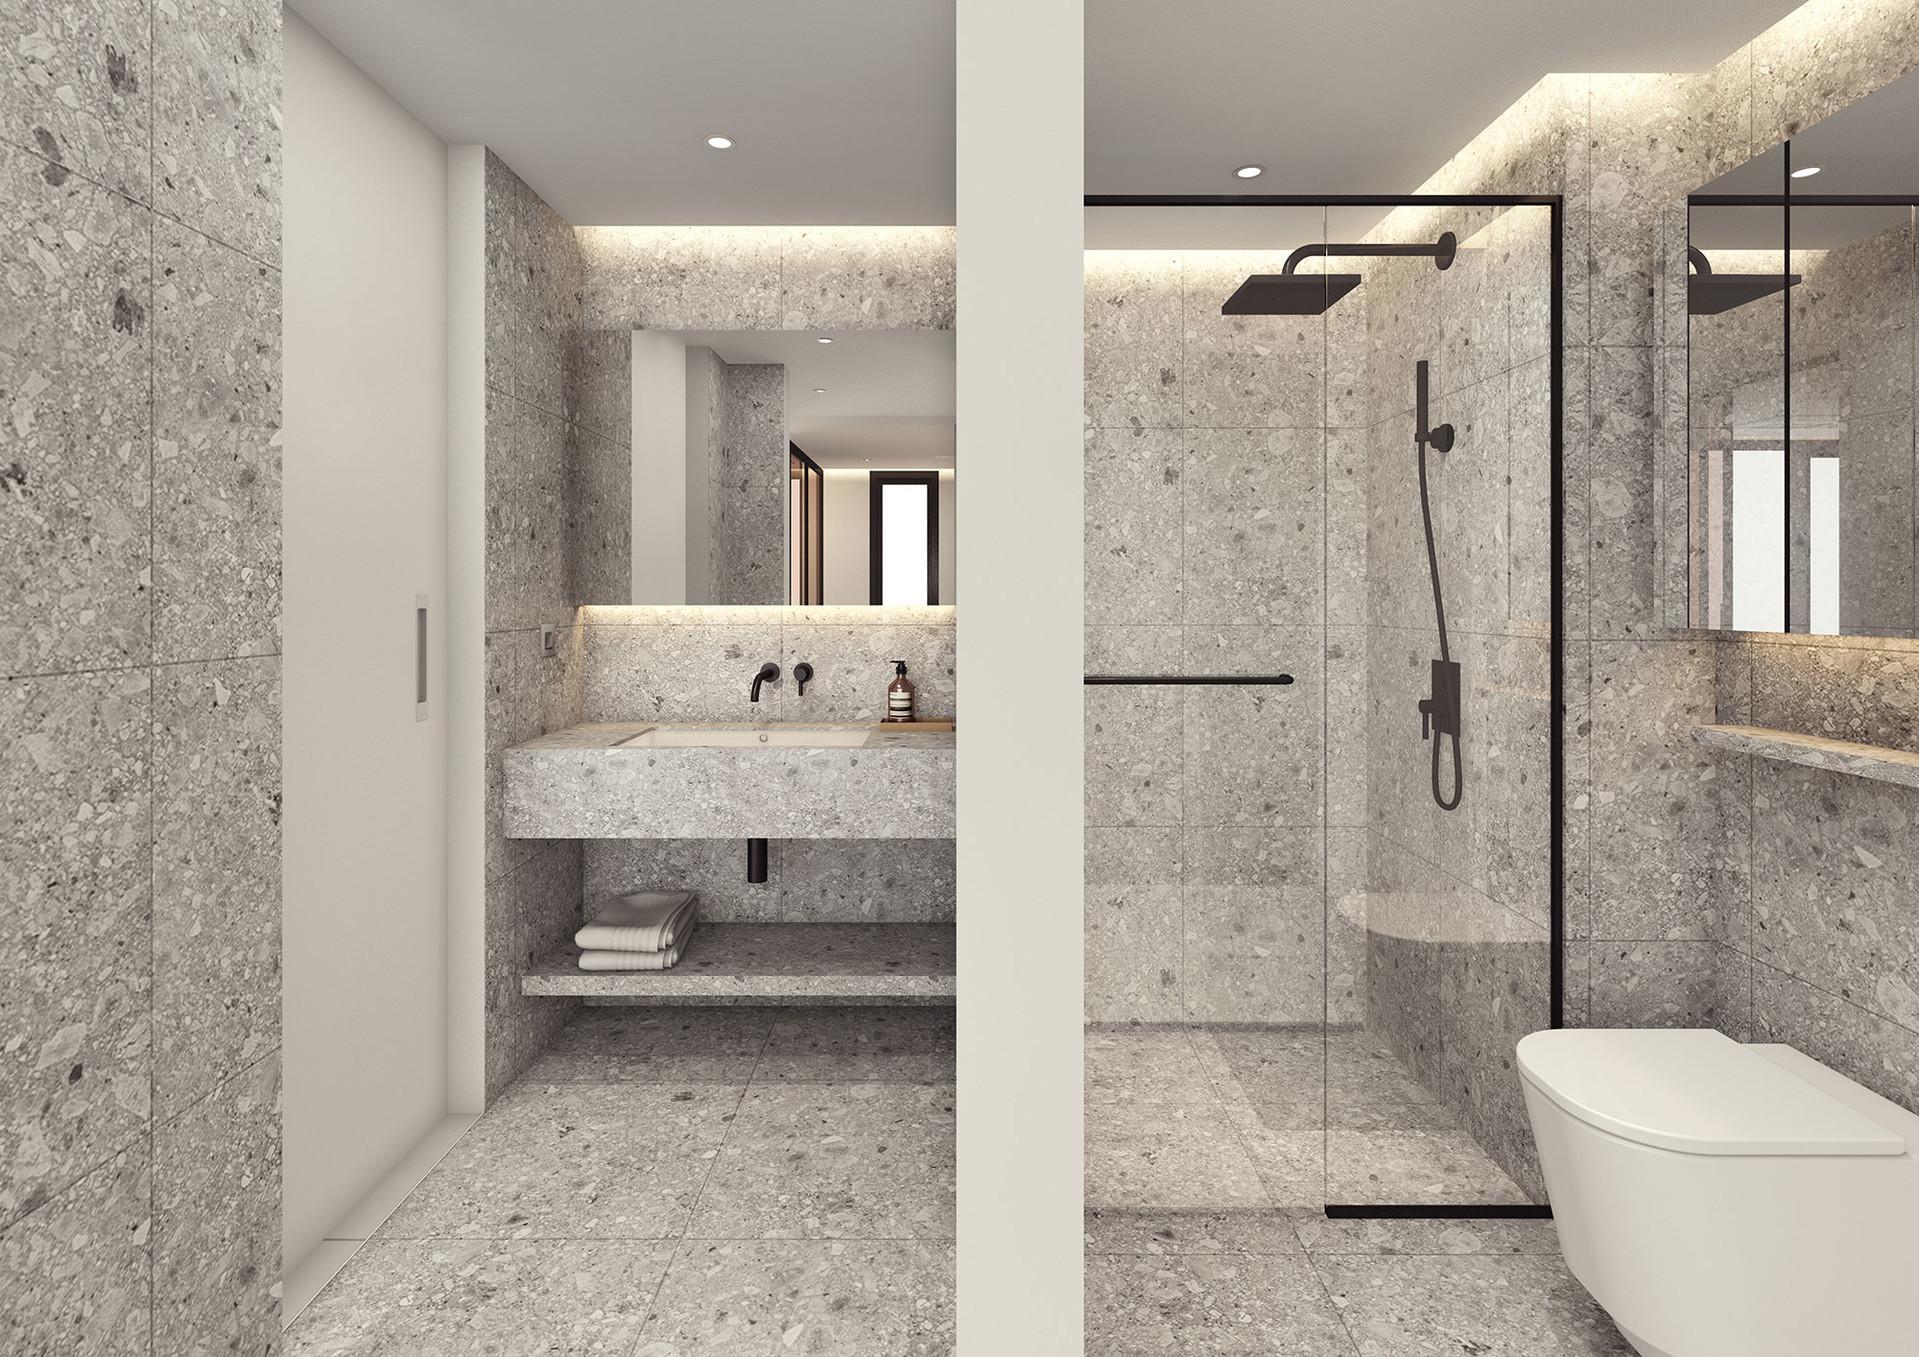 호텔식 분리형 화장실로 넓고 쾌적한 사용 경험